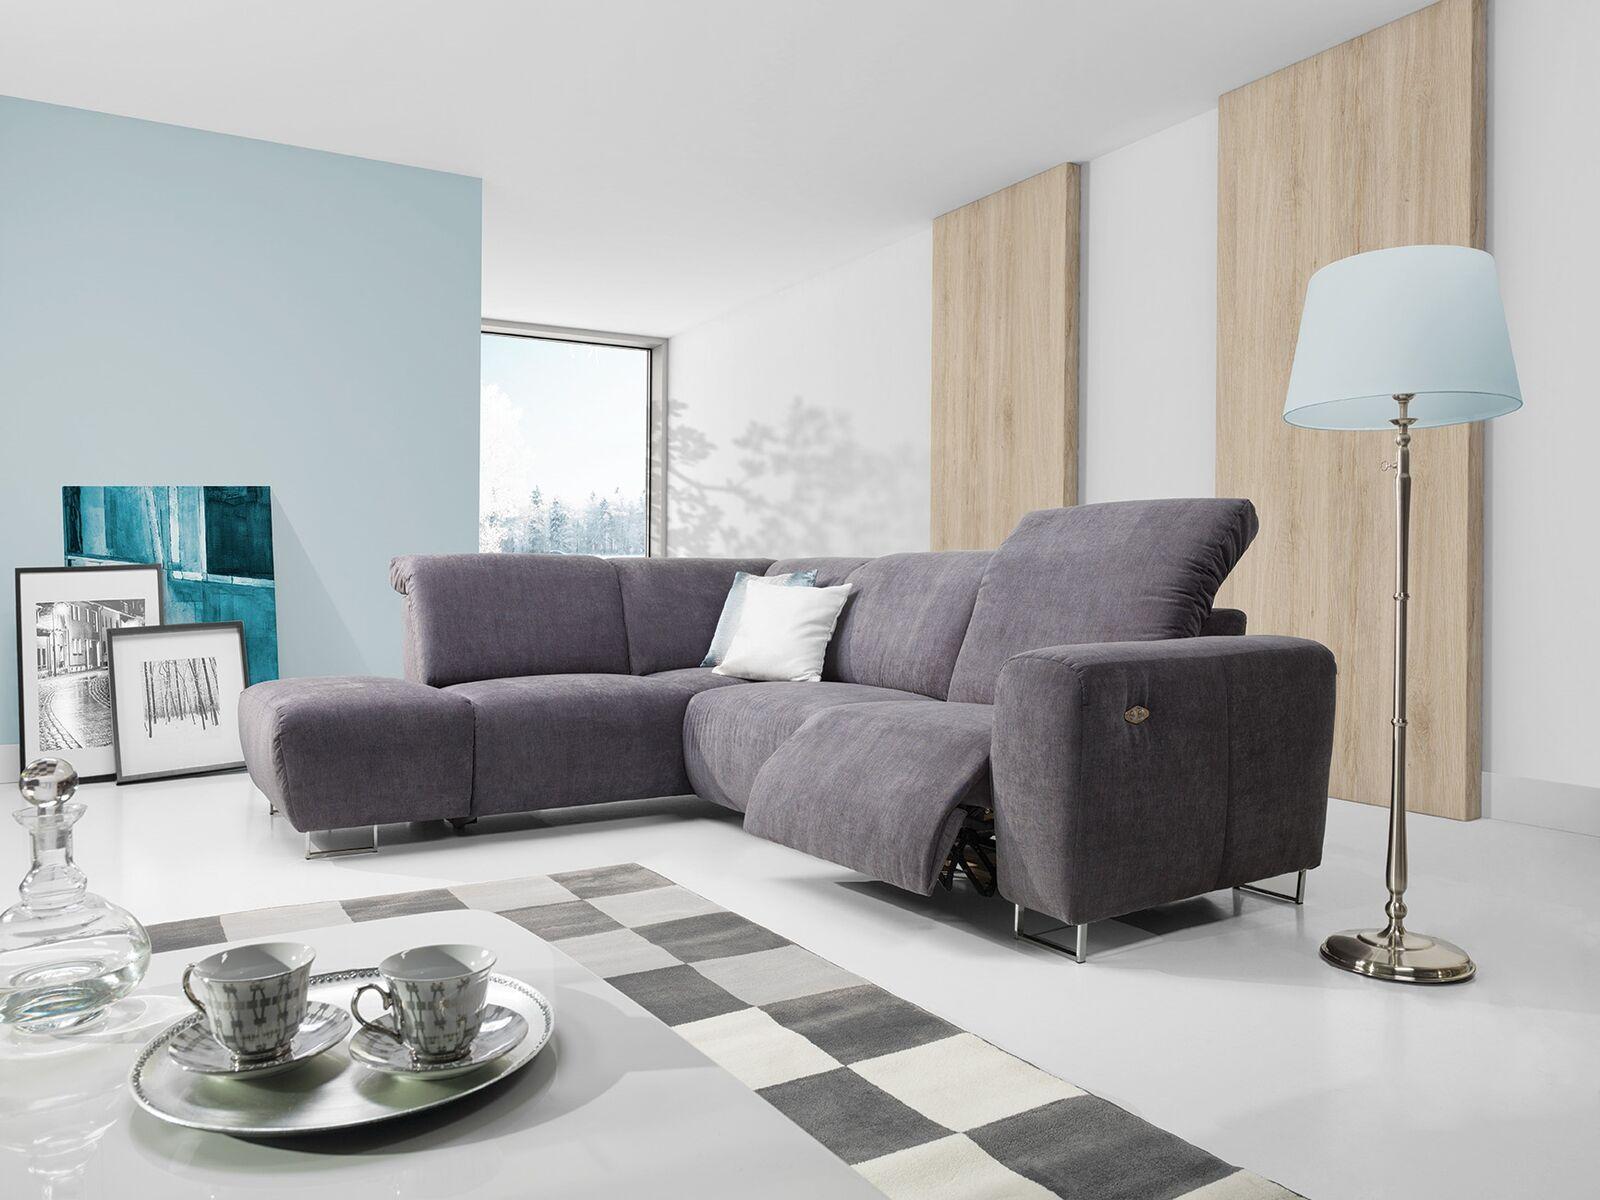 Sofa Couchgarnitur Couch Lotta Polsterecke Wohnlandschaft Bewegl